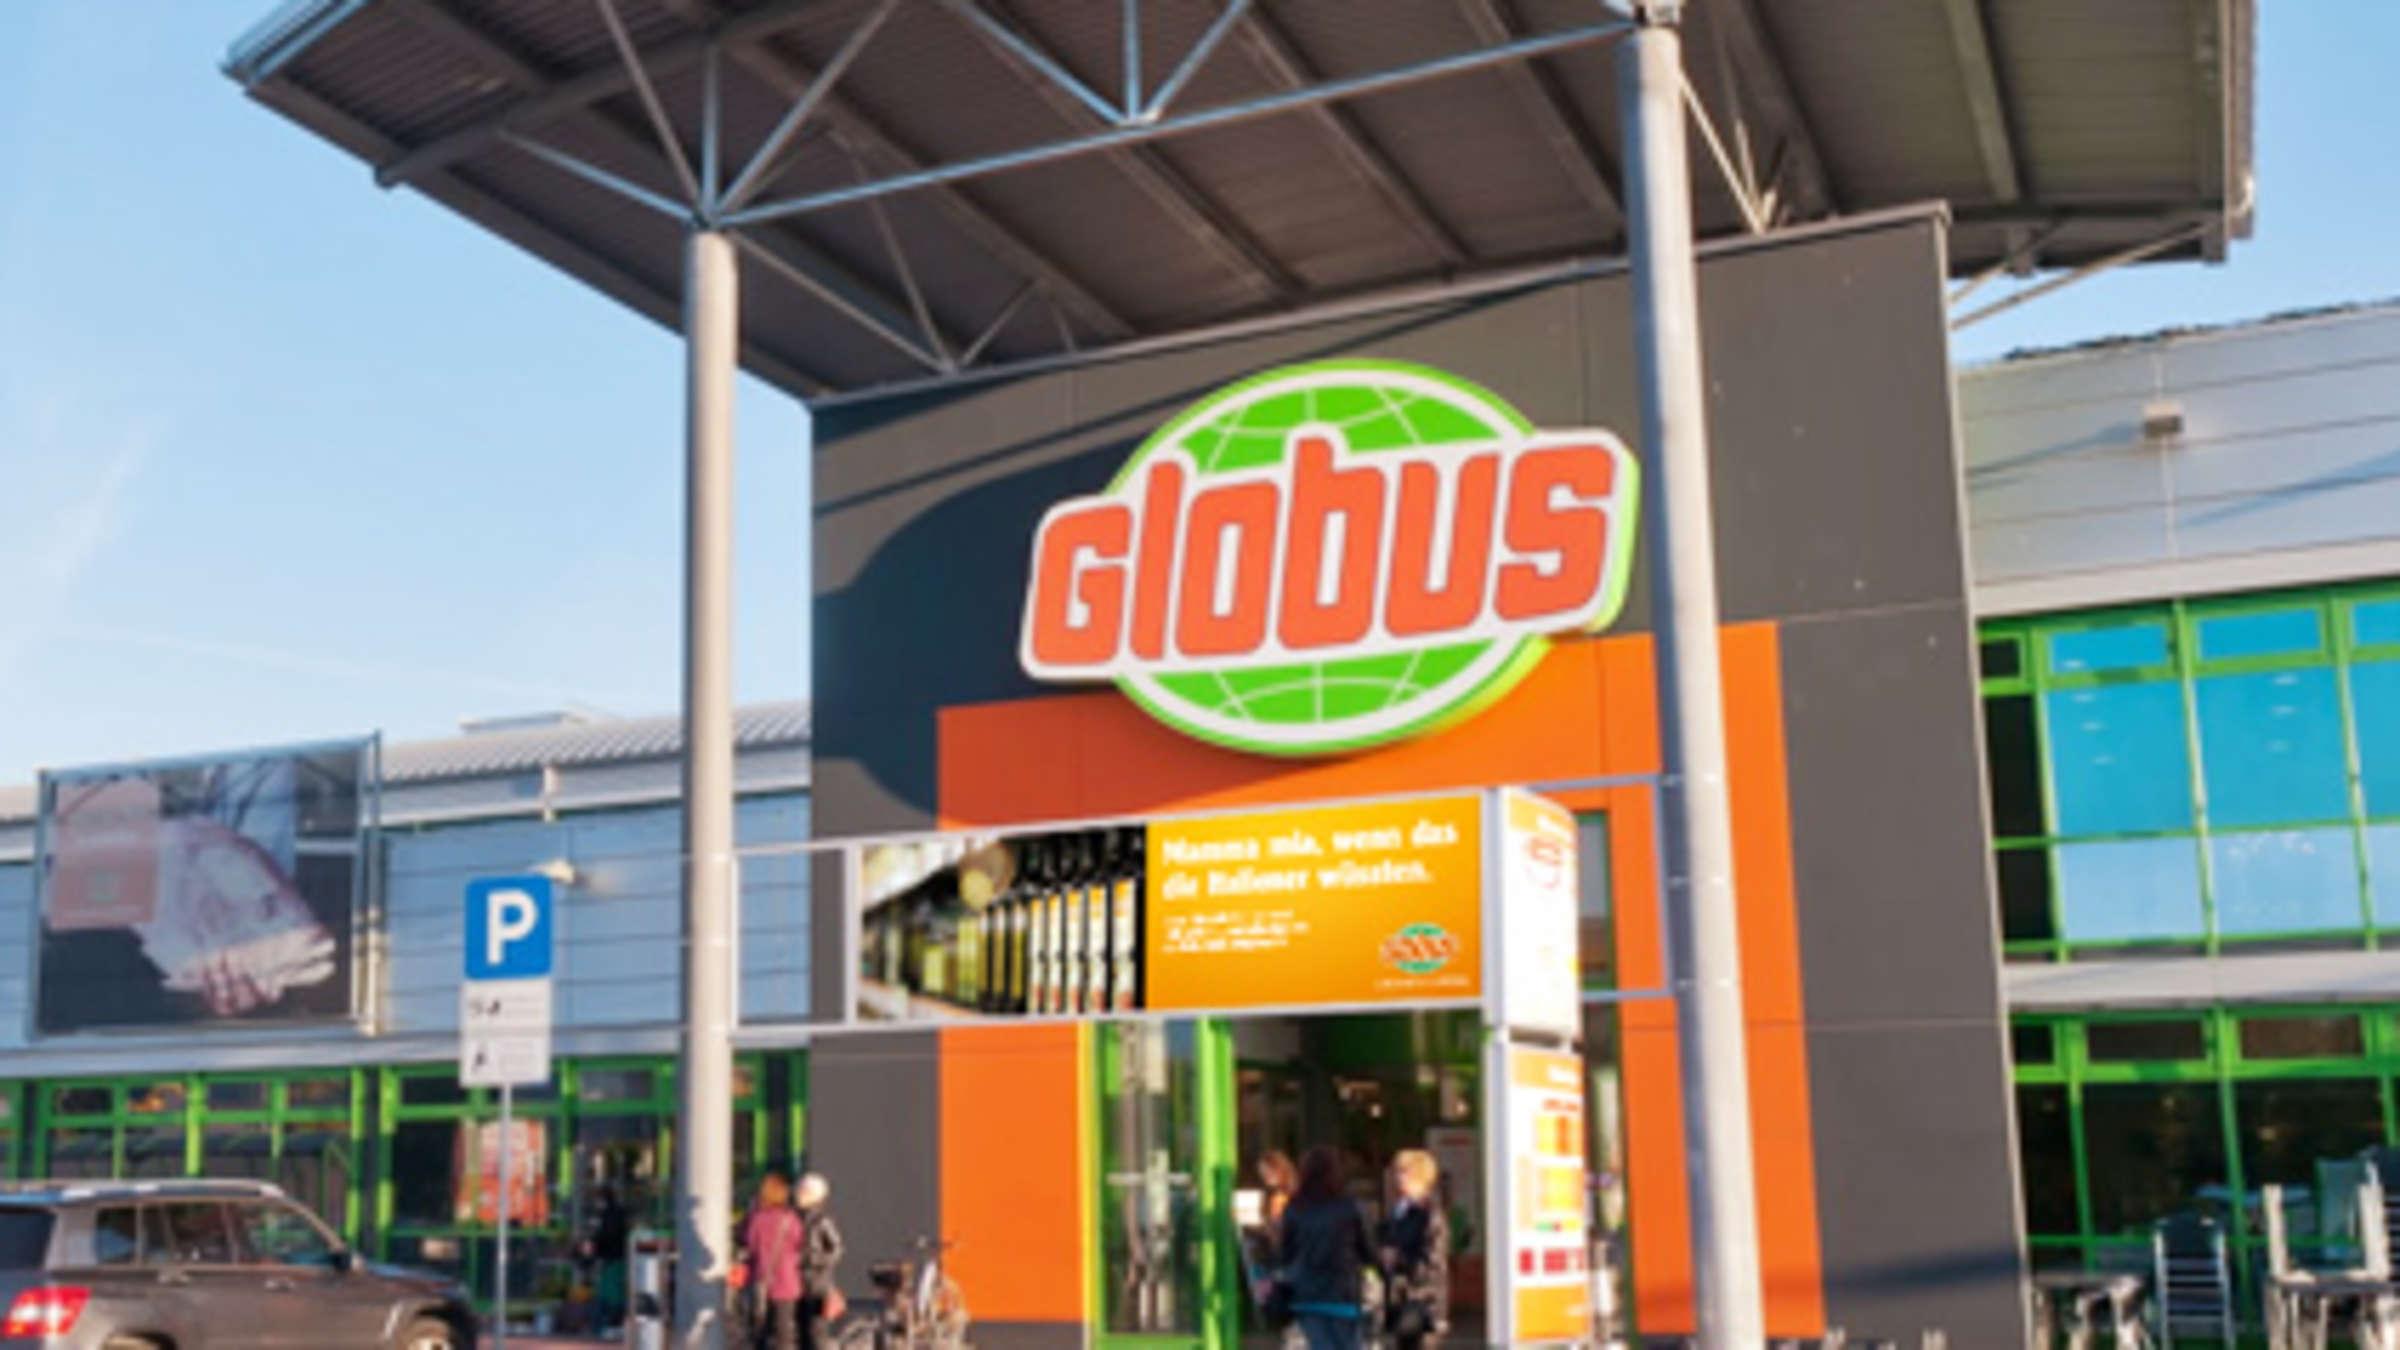 globus freilassing